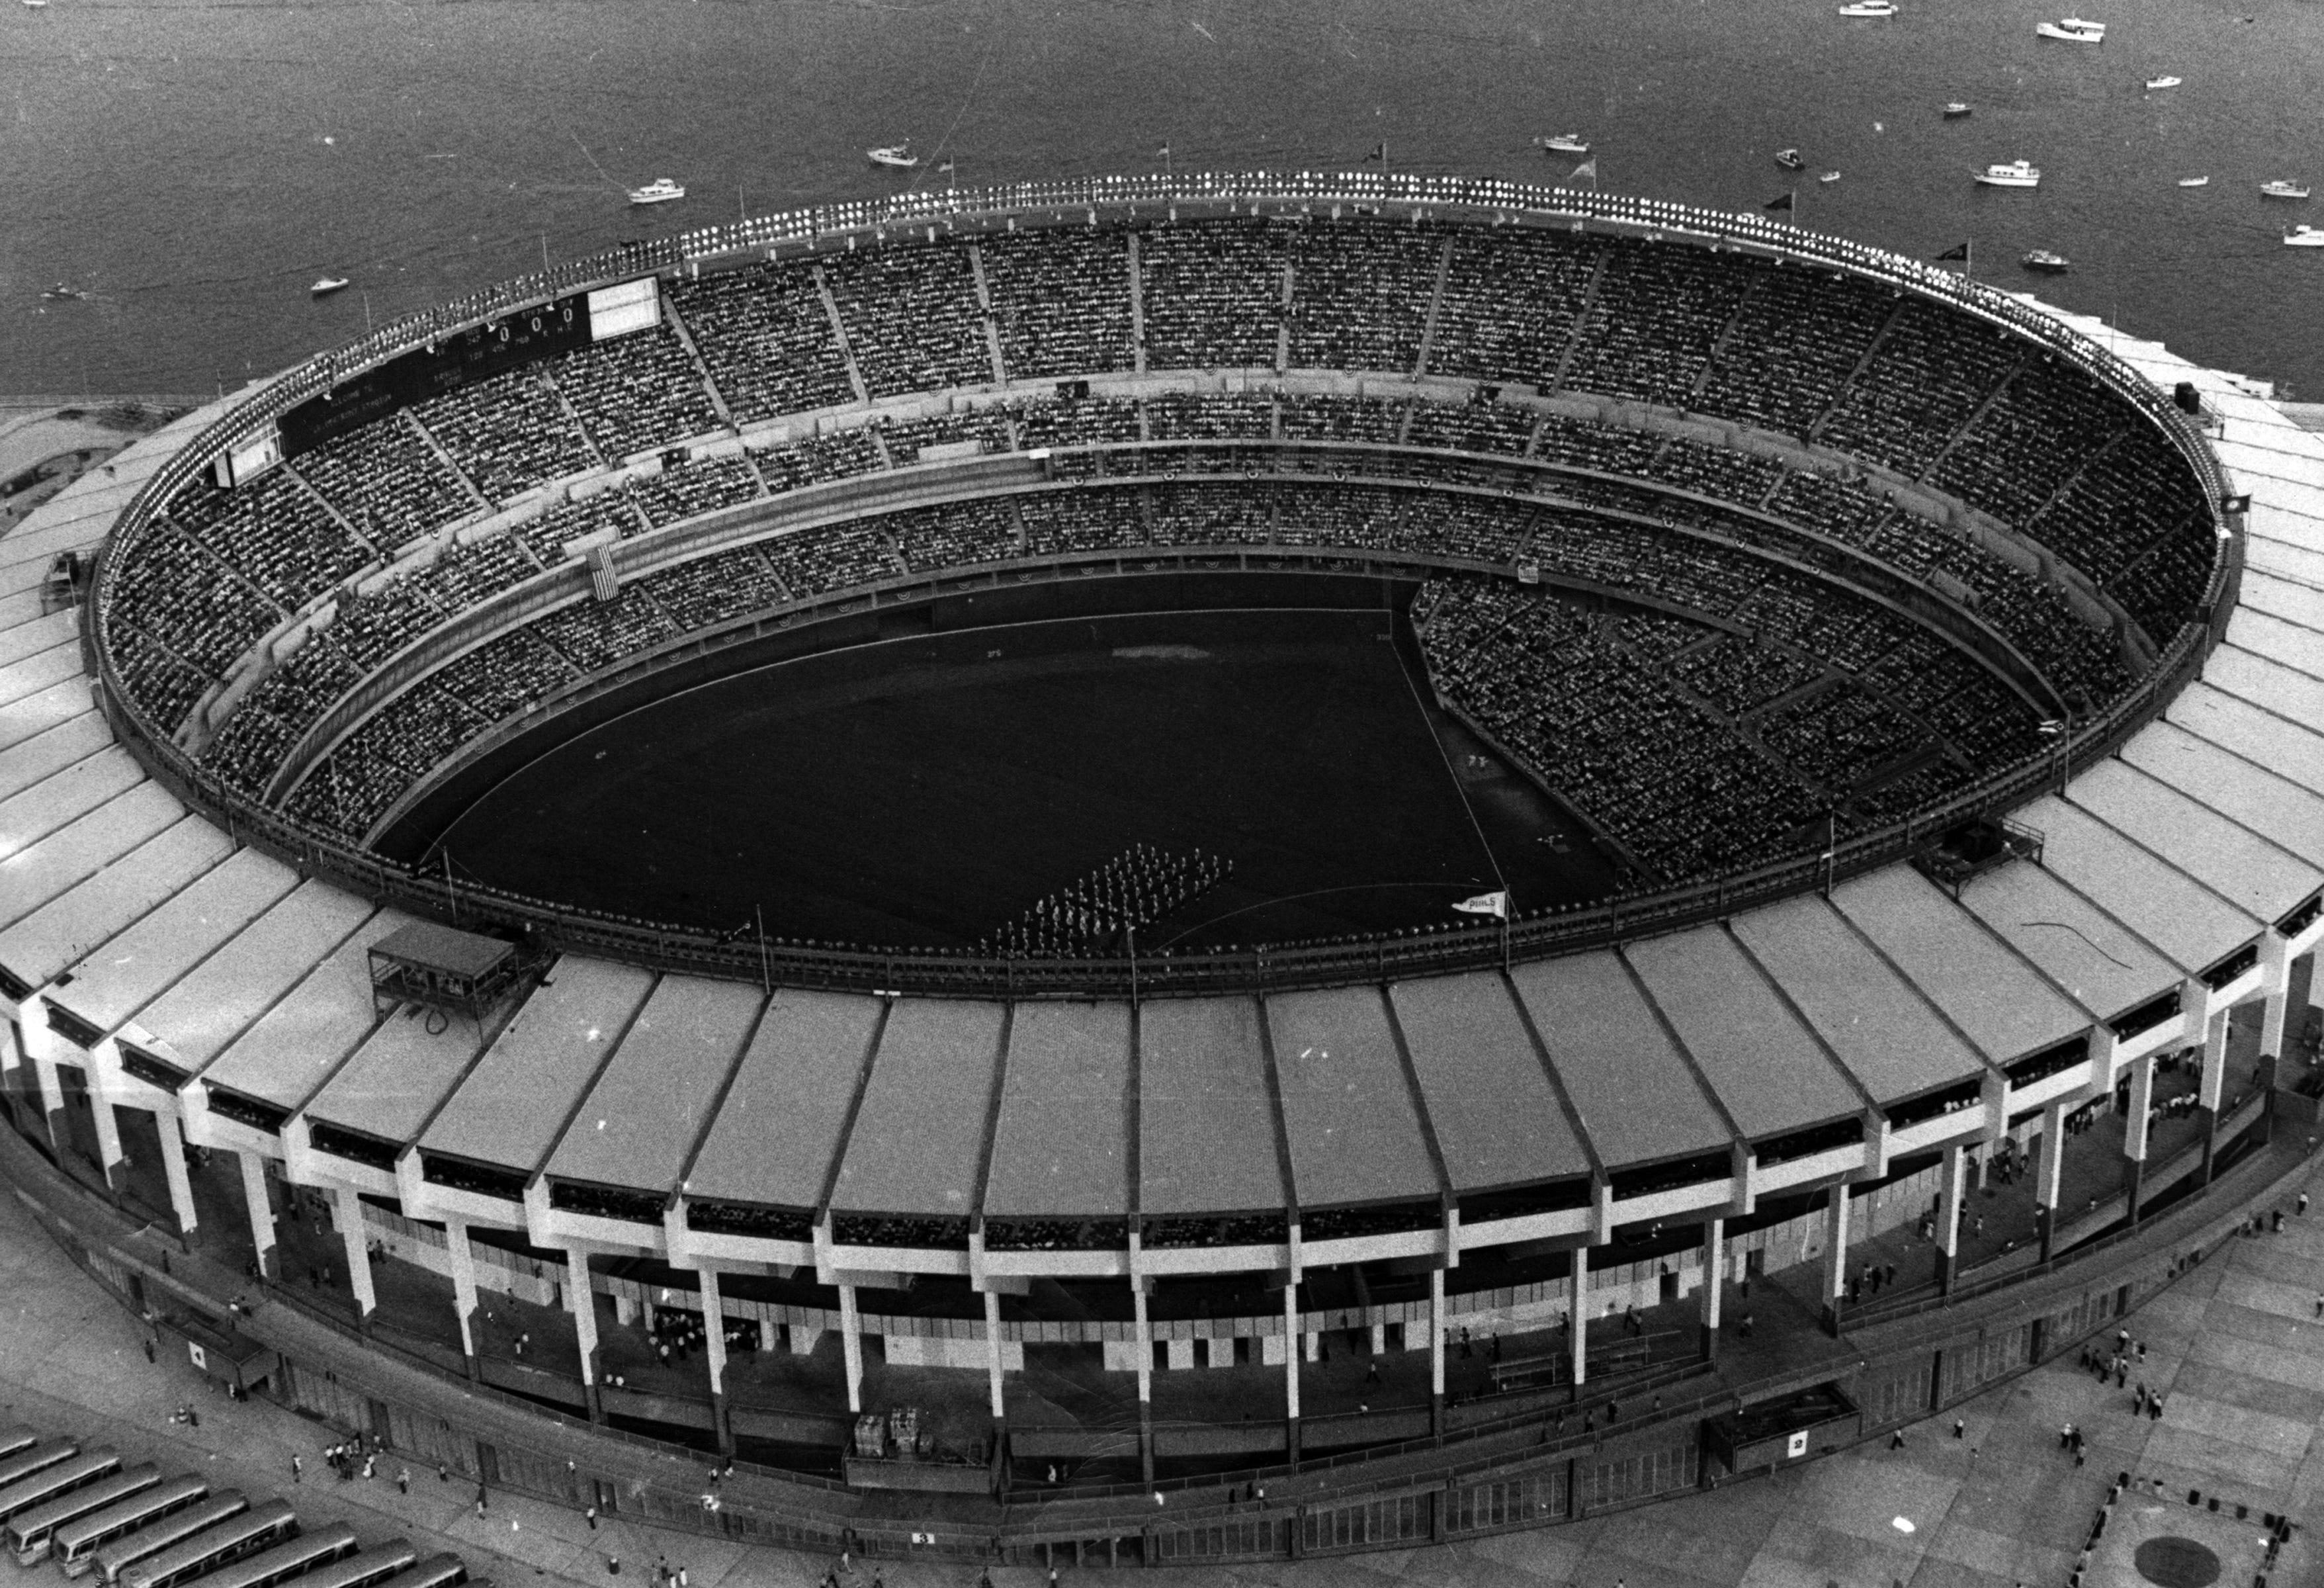 Cincinnatis Riverfront Stadium opened mid-season